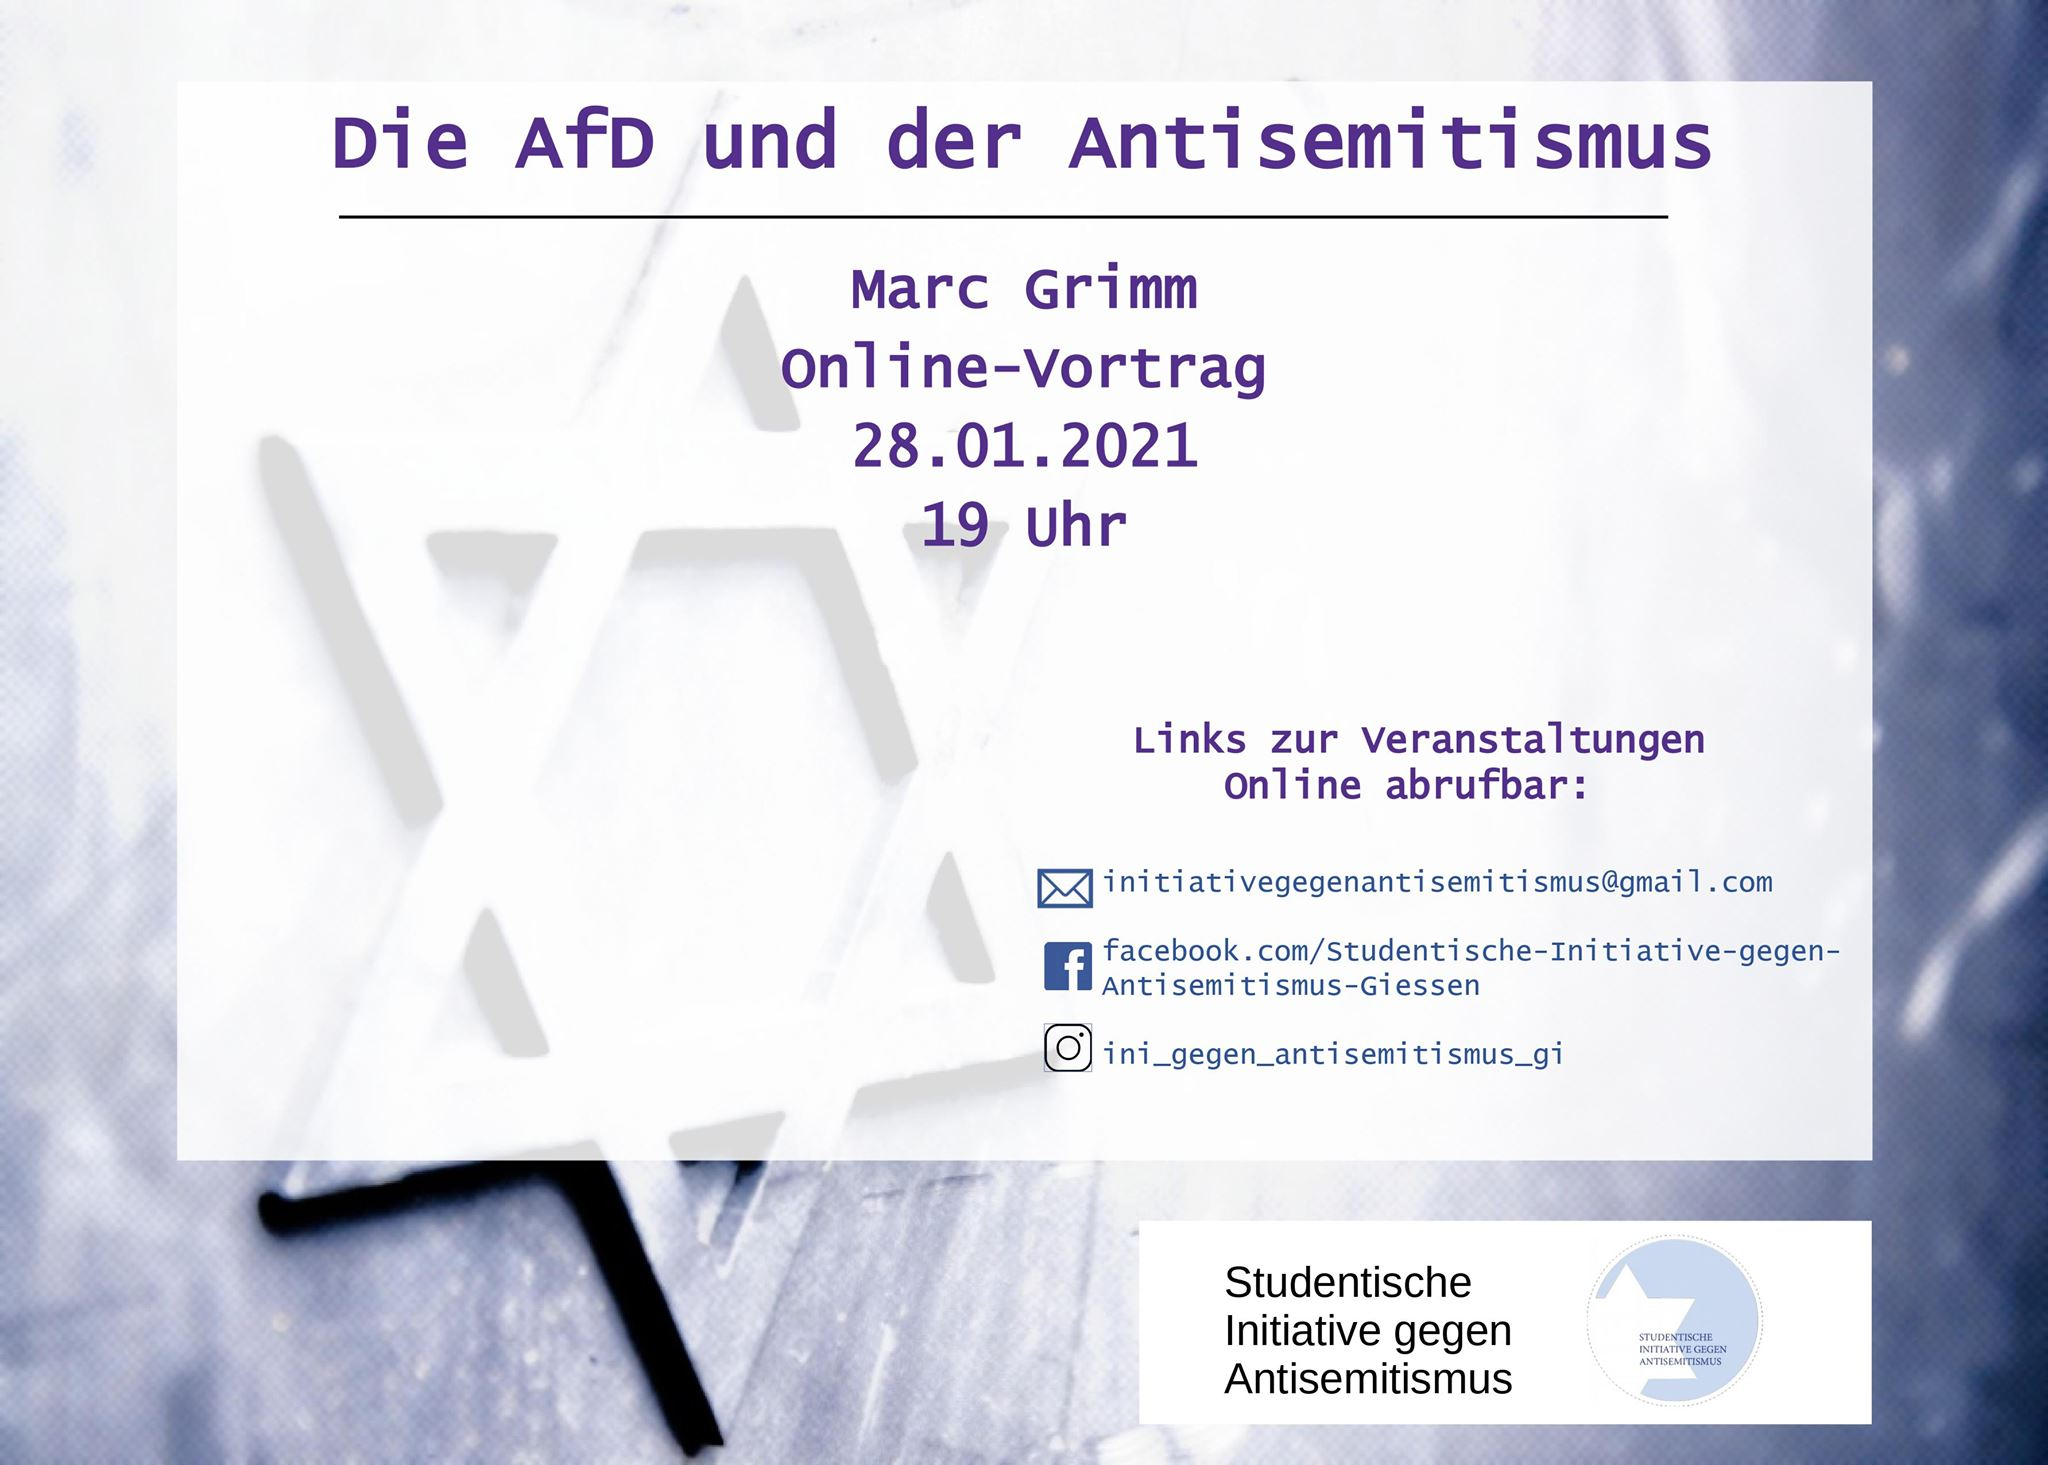 Die AfD und der Antisemitismus